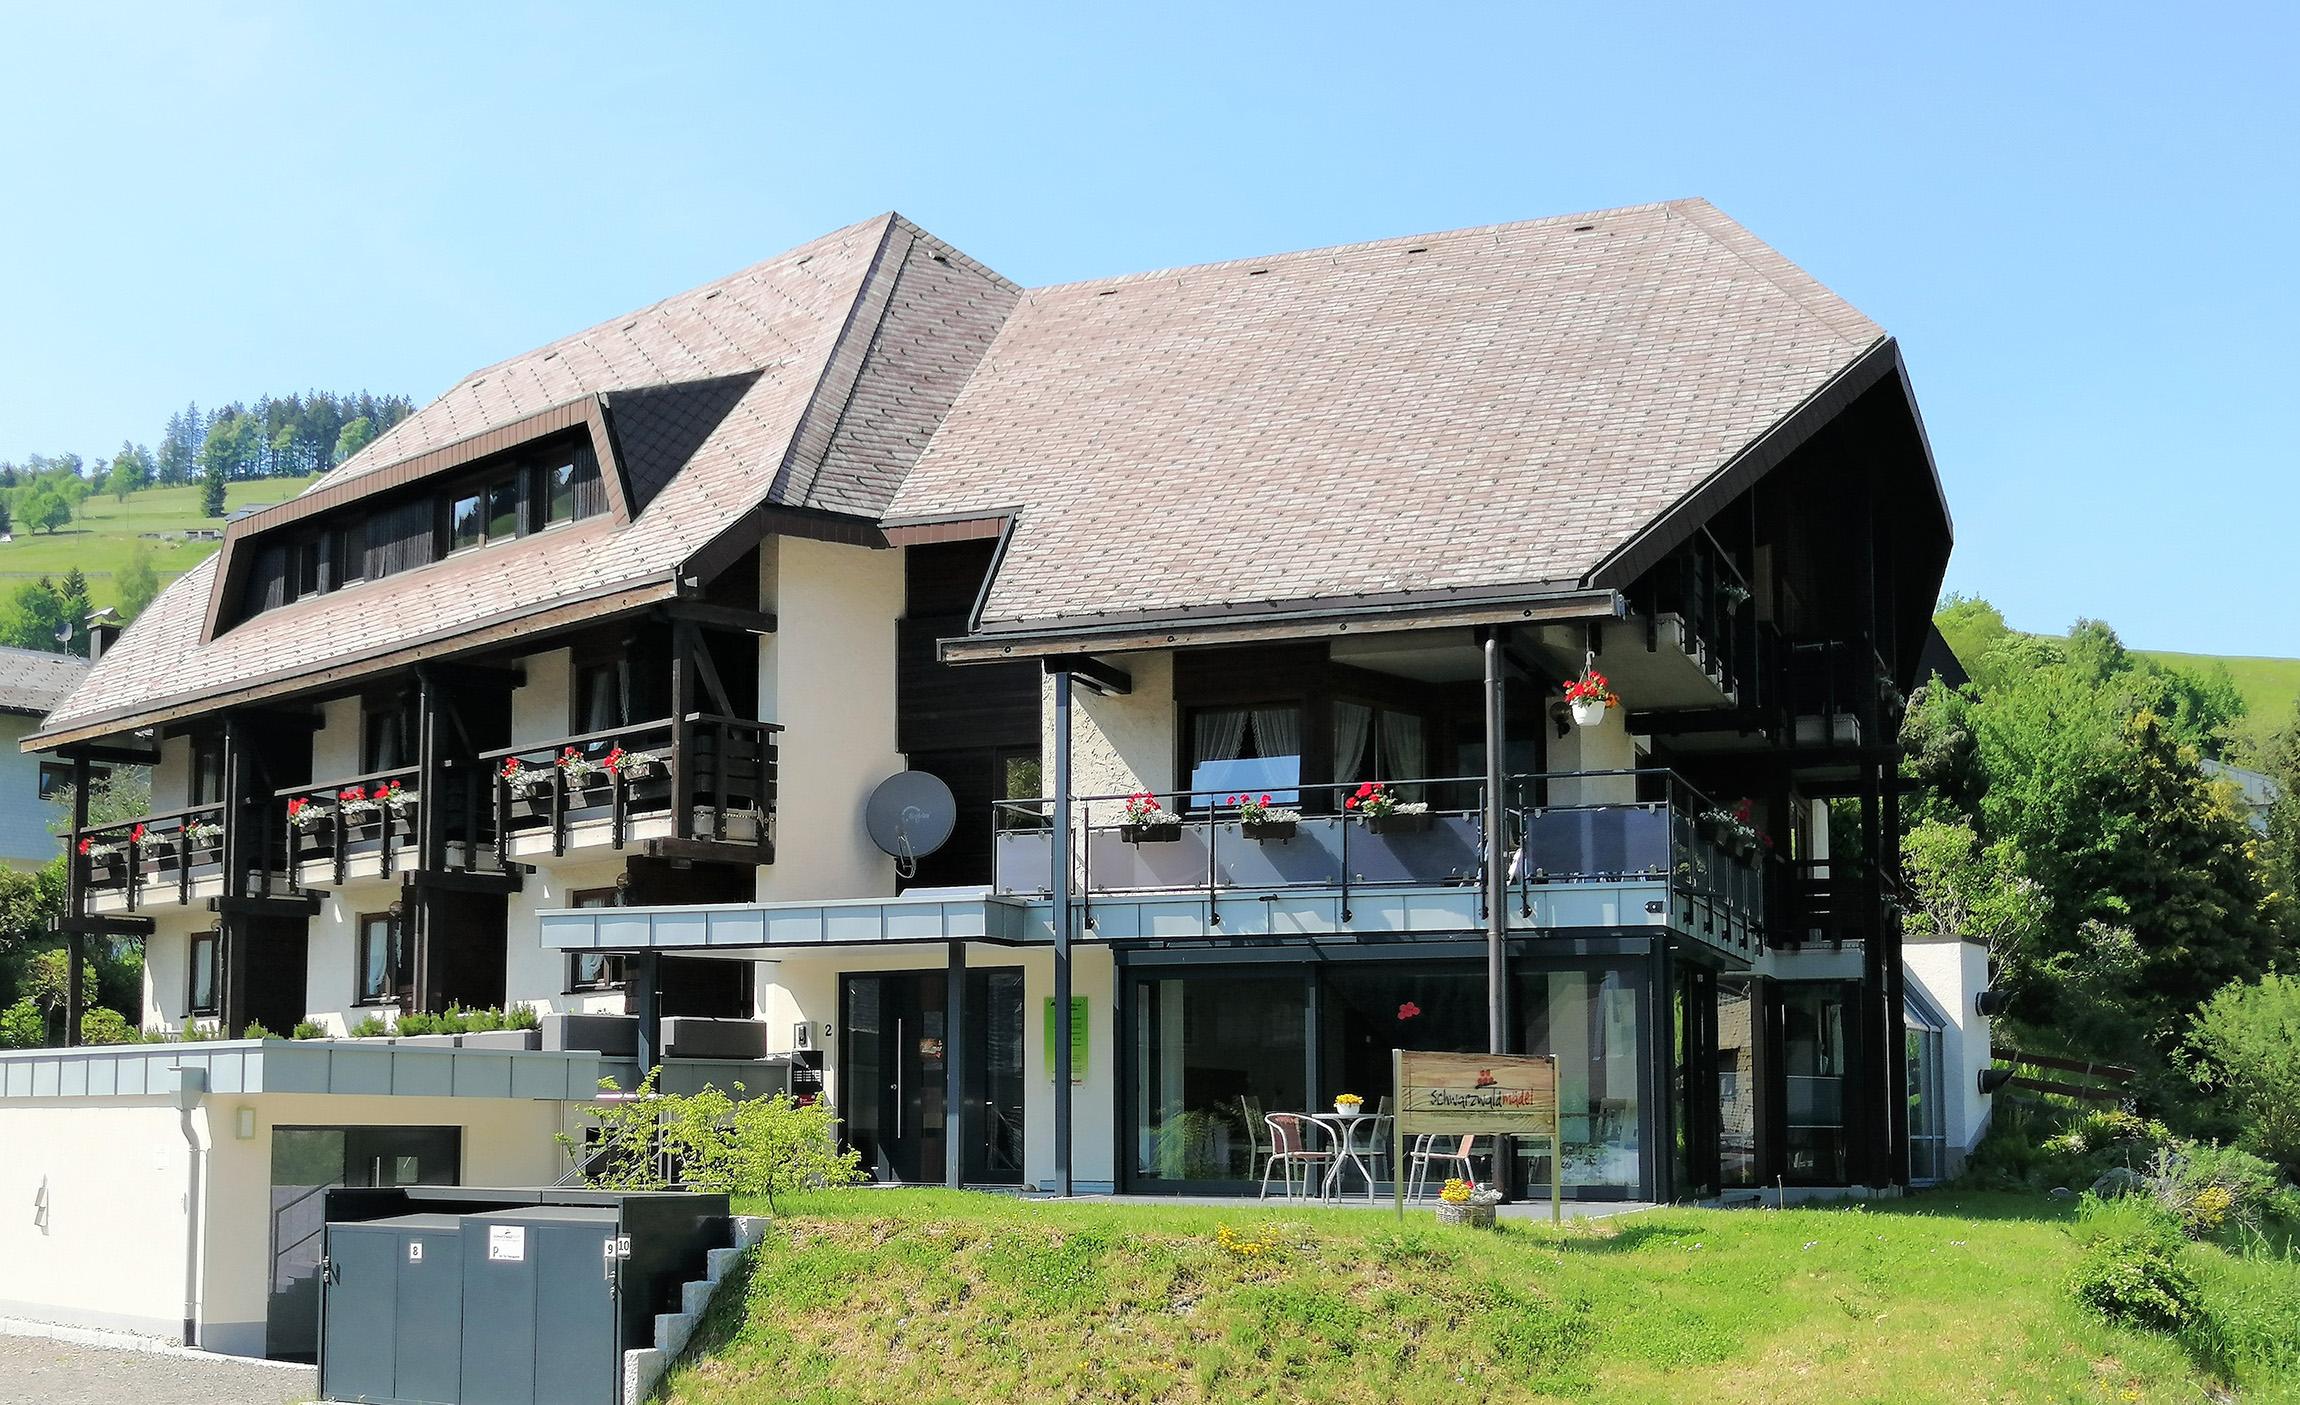 Ferienwohnung im Schwarzwald Frontalansicht Haus